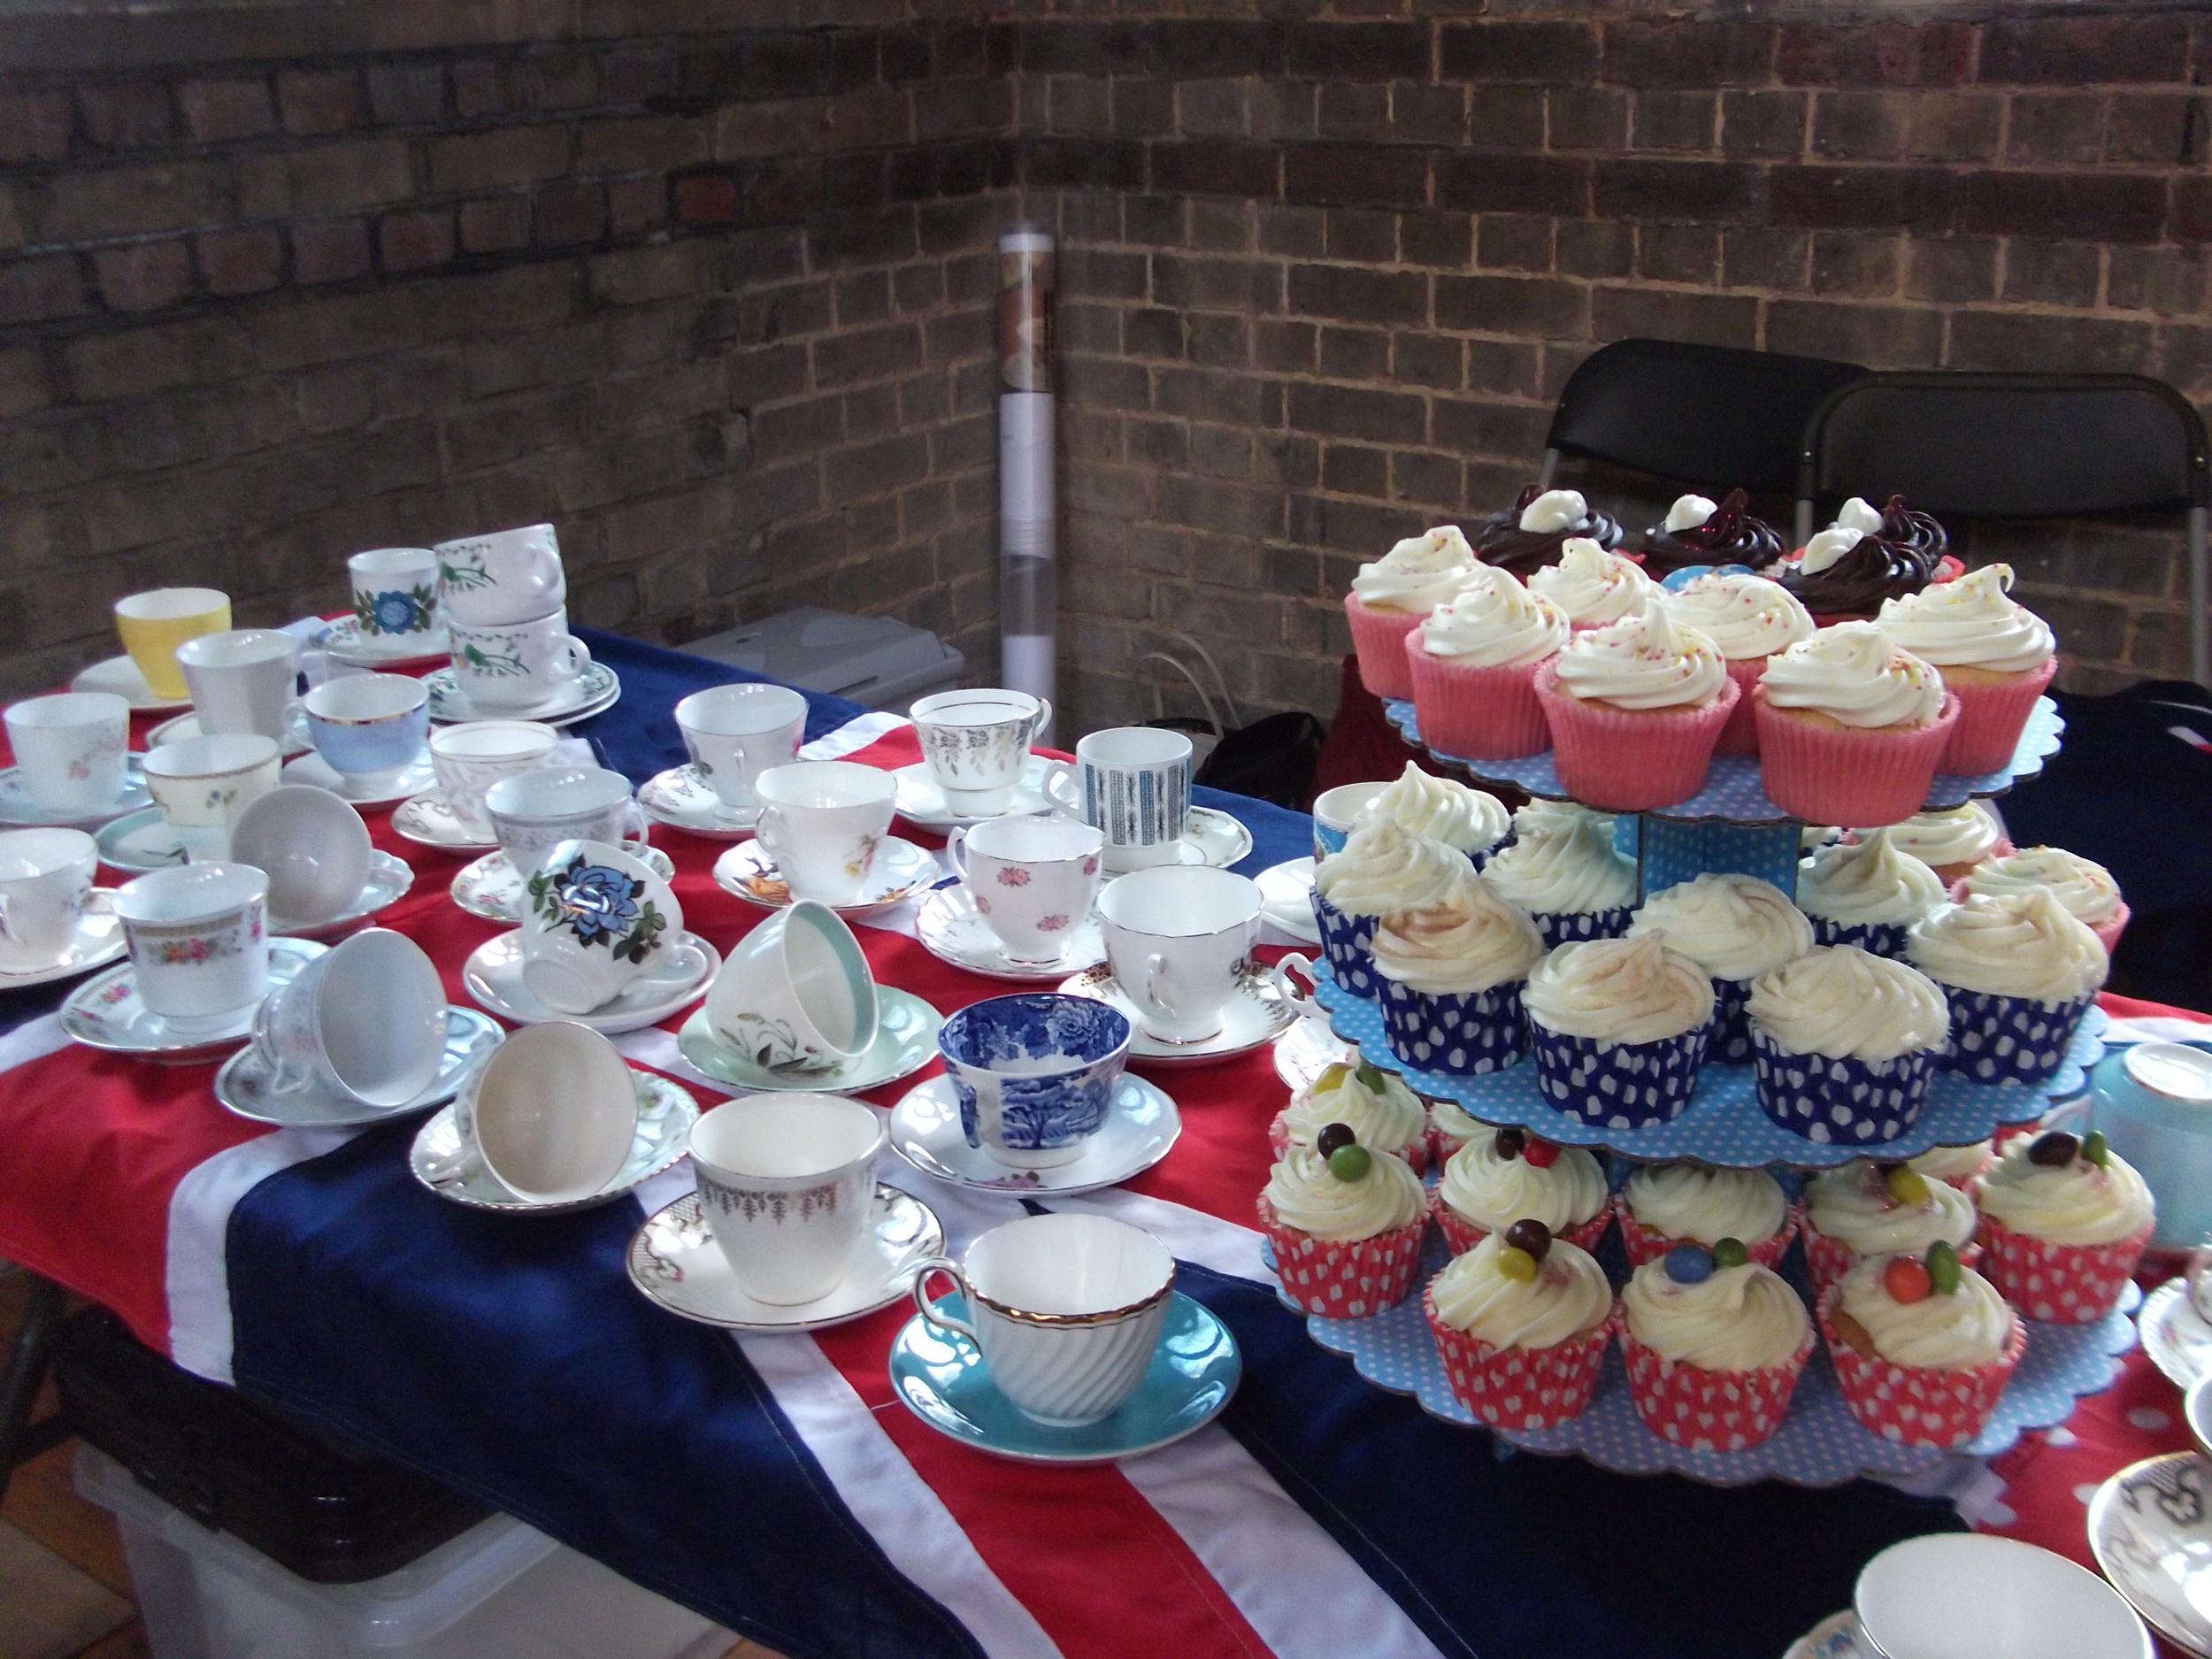 Vintage Teas and Cake